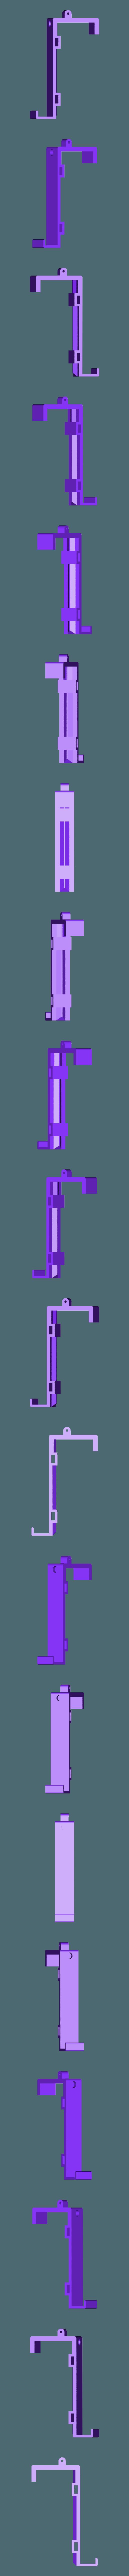 MountMid.stl Télécharger fichier STL gratuit Support de téléphone pour lit IKEA STUVA / FRITIDS • Plan pour impression 3D, Milan_Gajic